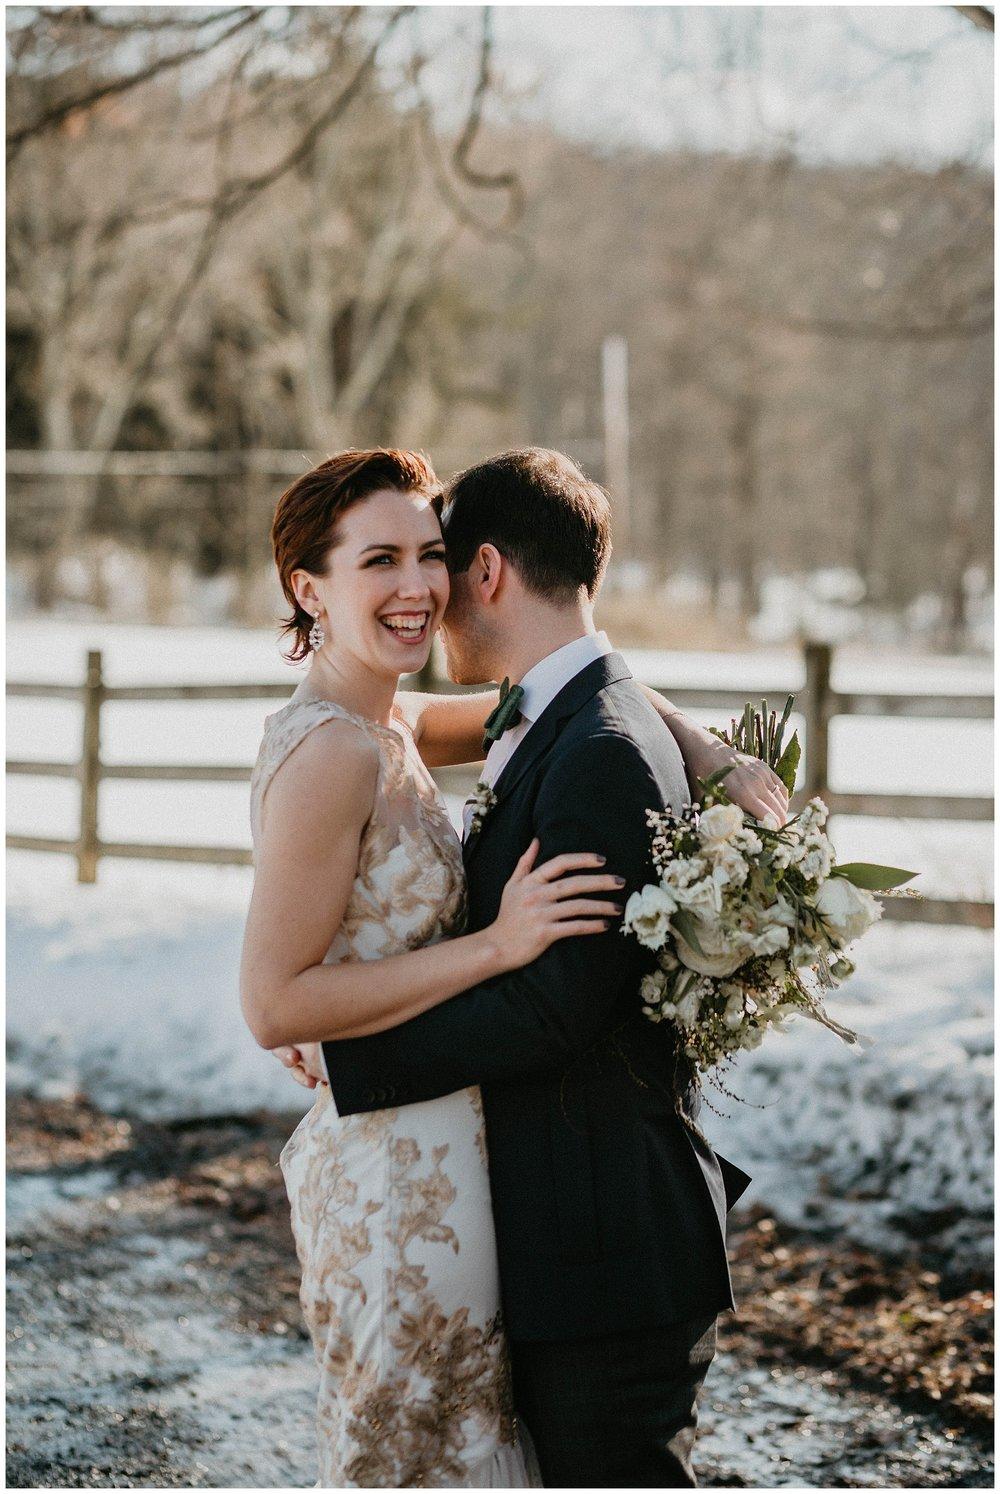 Pocono Winter Wedding with Bride and Groom_0154.jpg